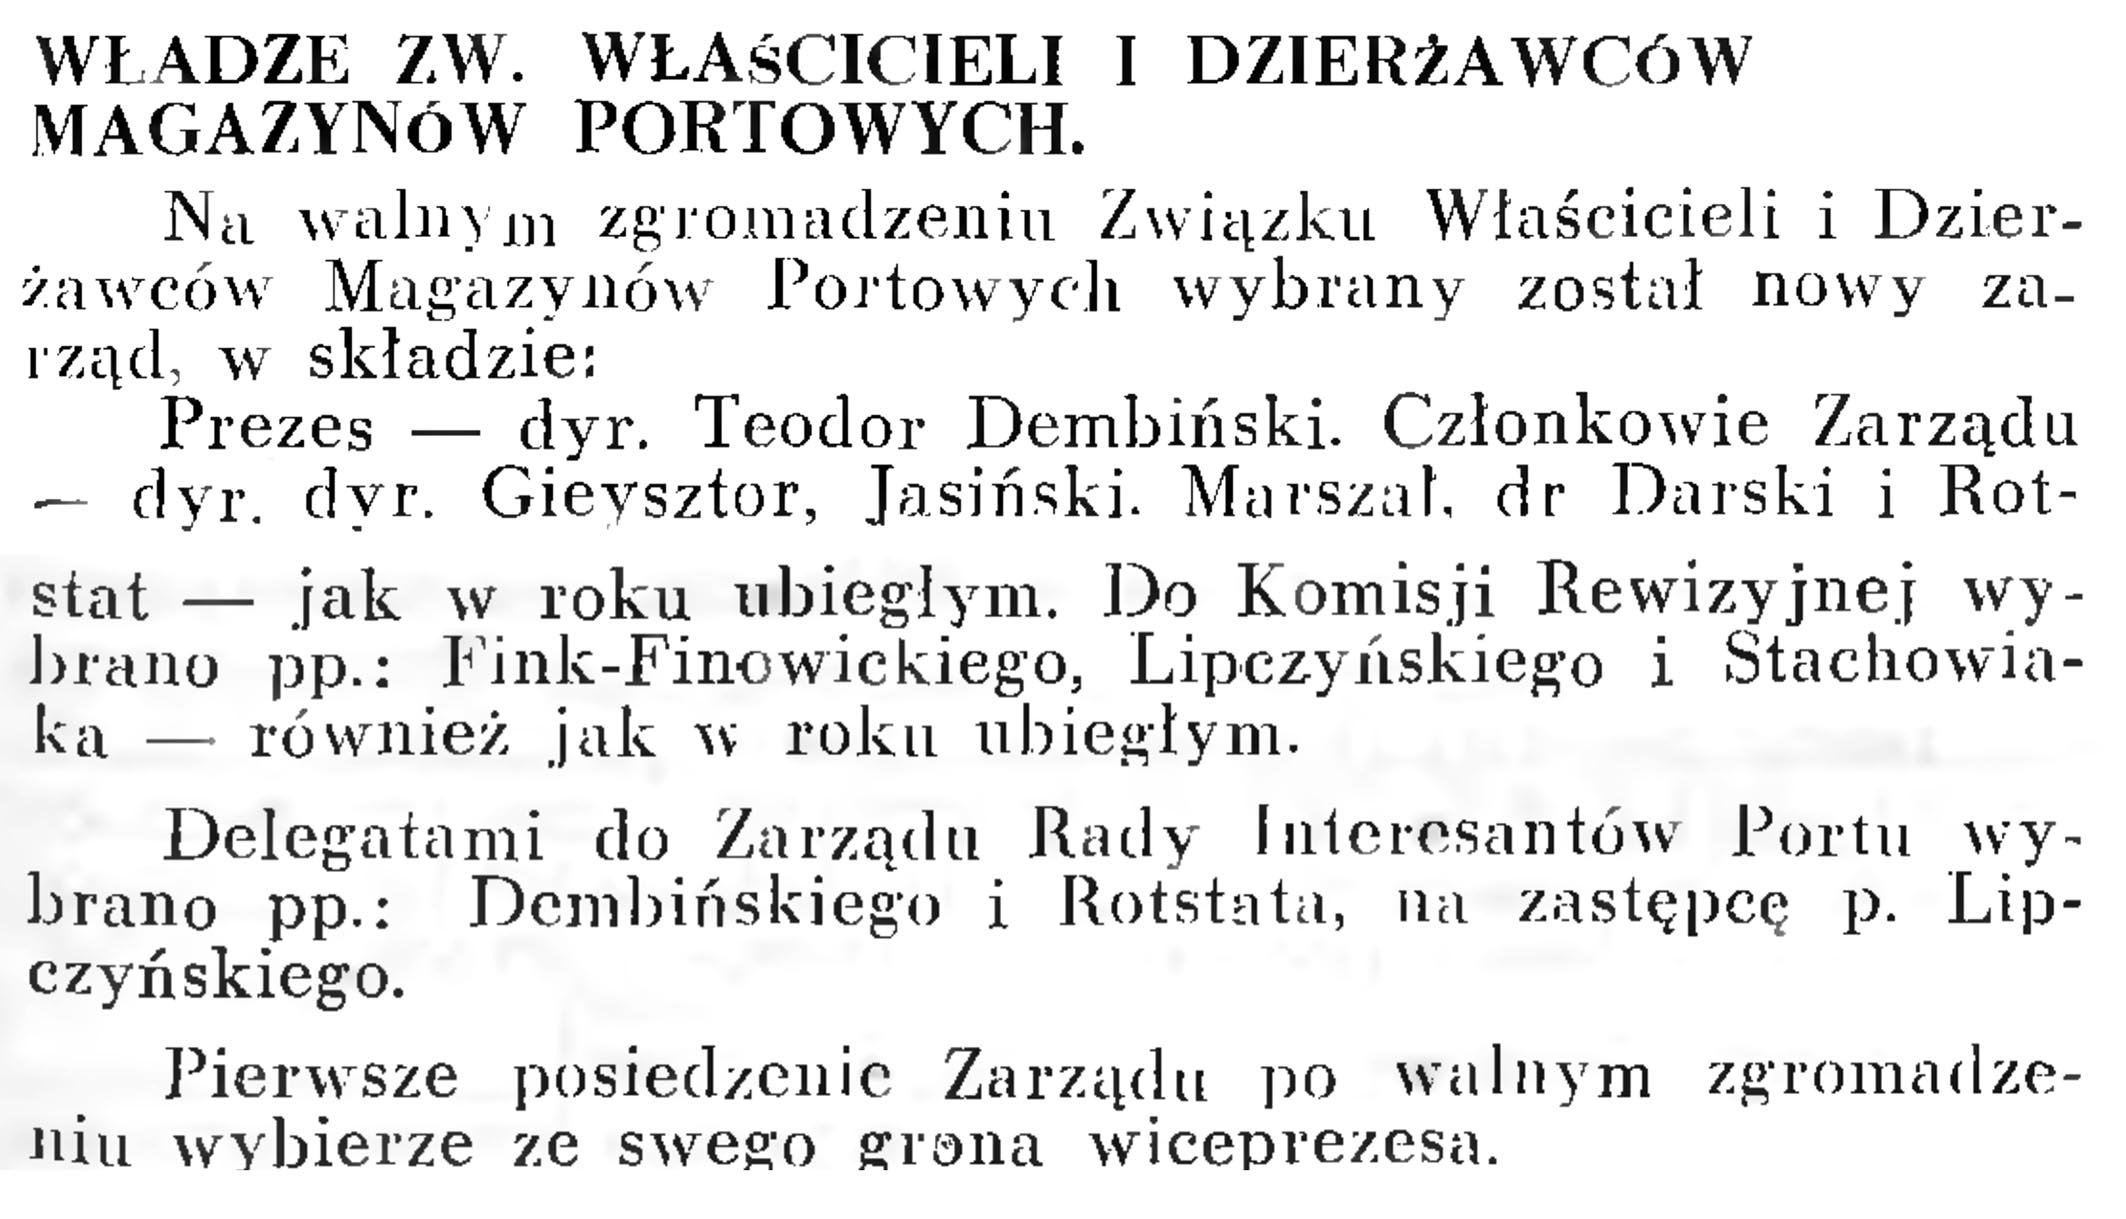 Władze Zw. Właścicieli i Dzierżawców Magazynów Portowych // Wiadomości Portowe. - 1939, nr 3, s. 17